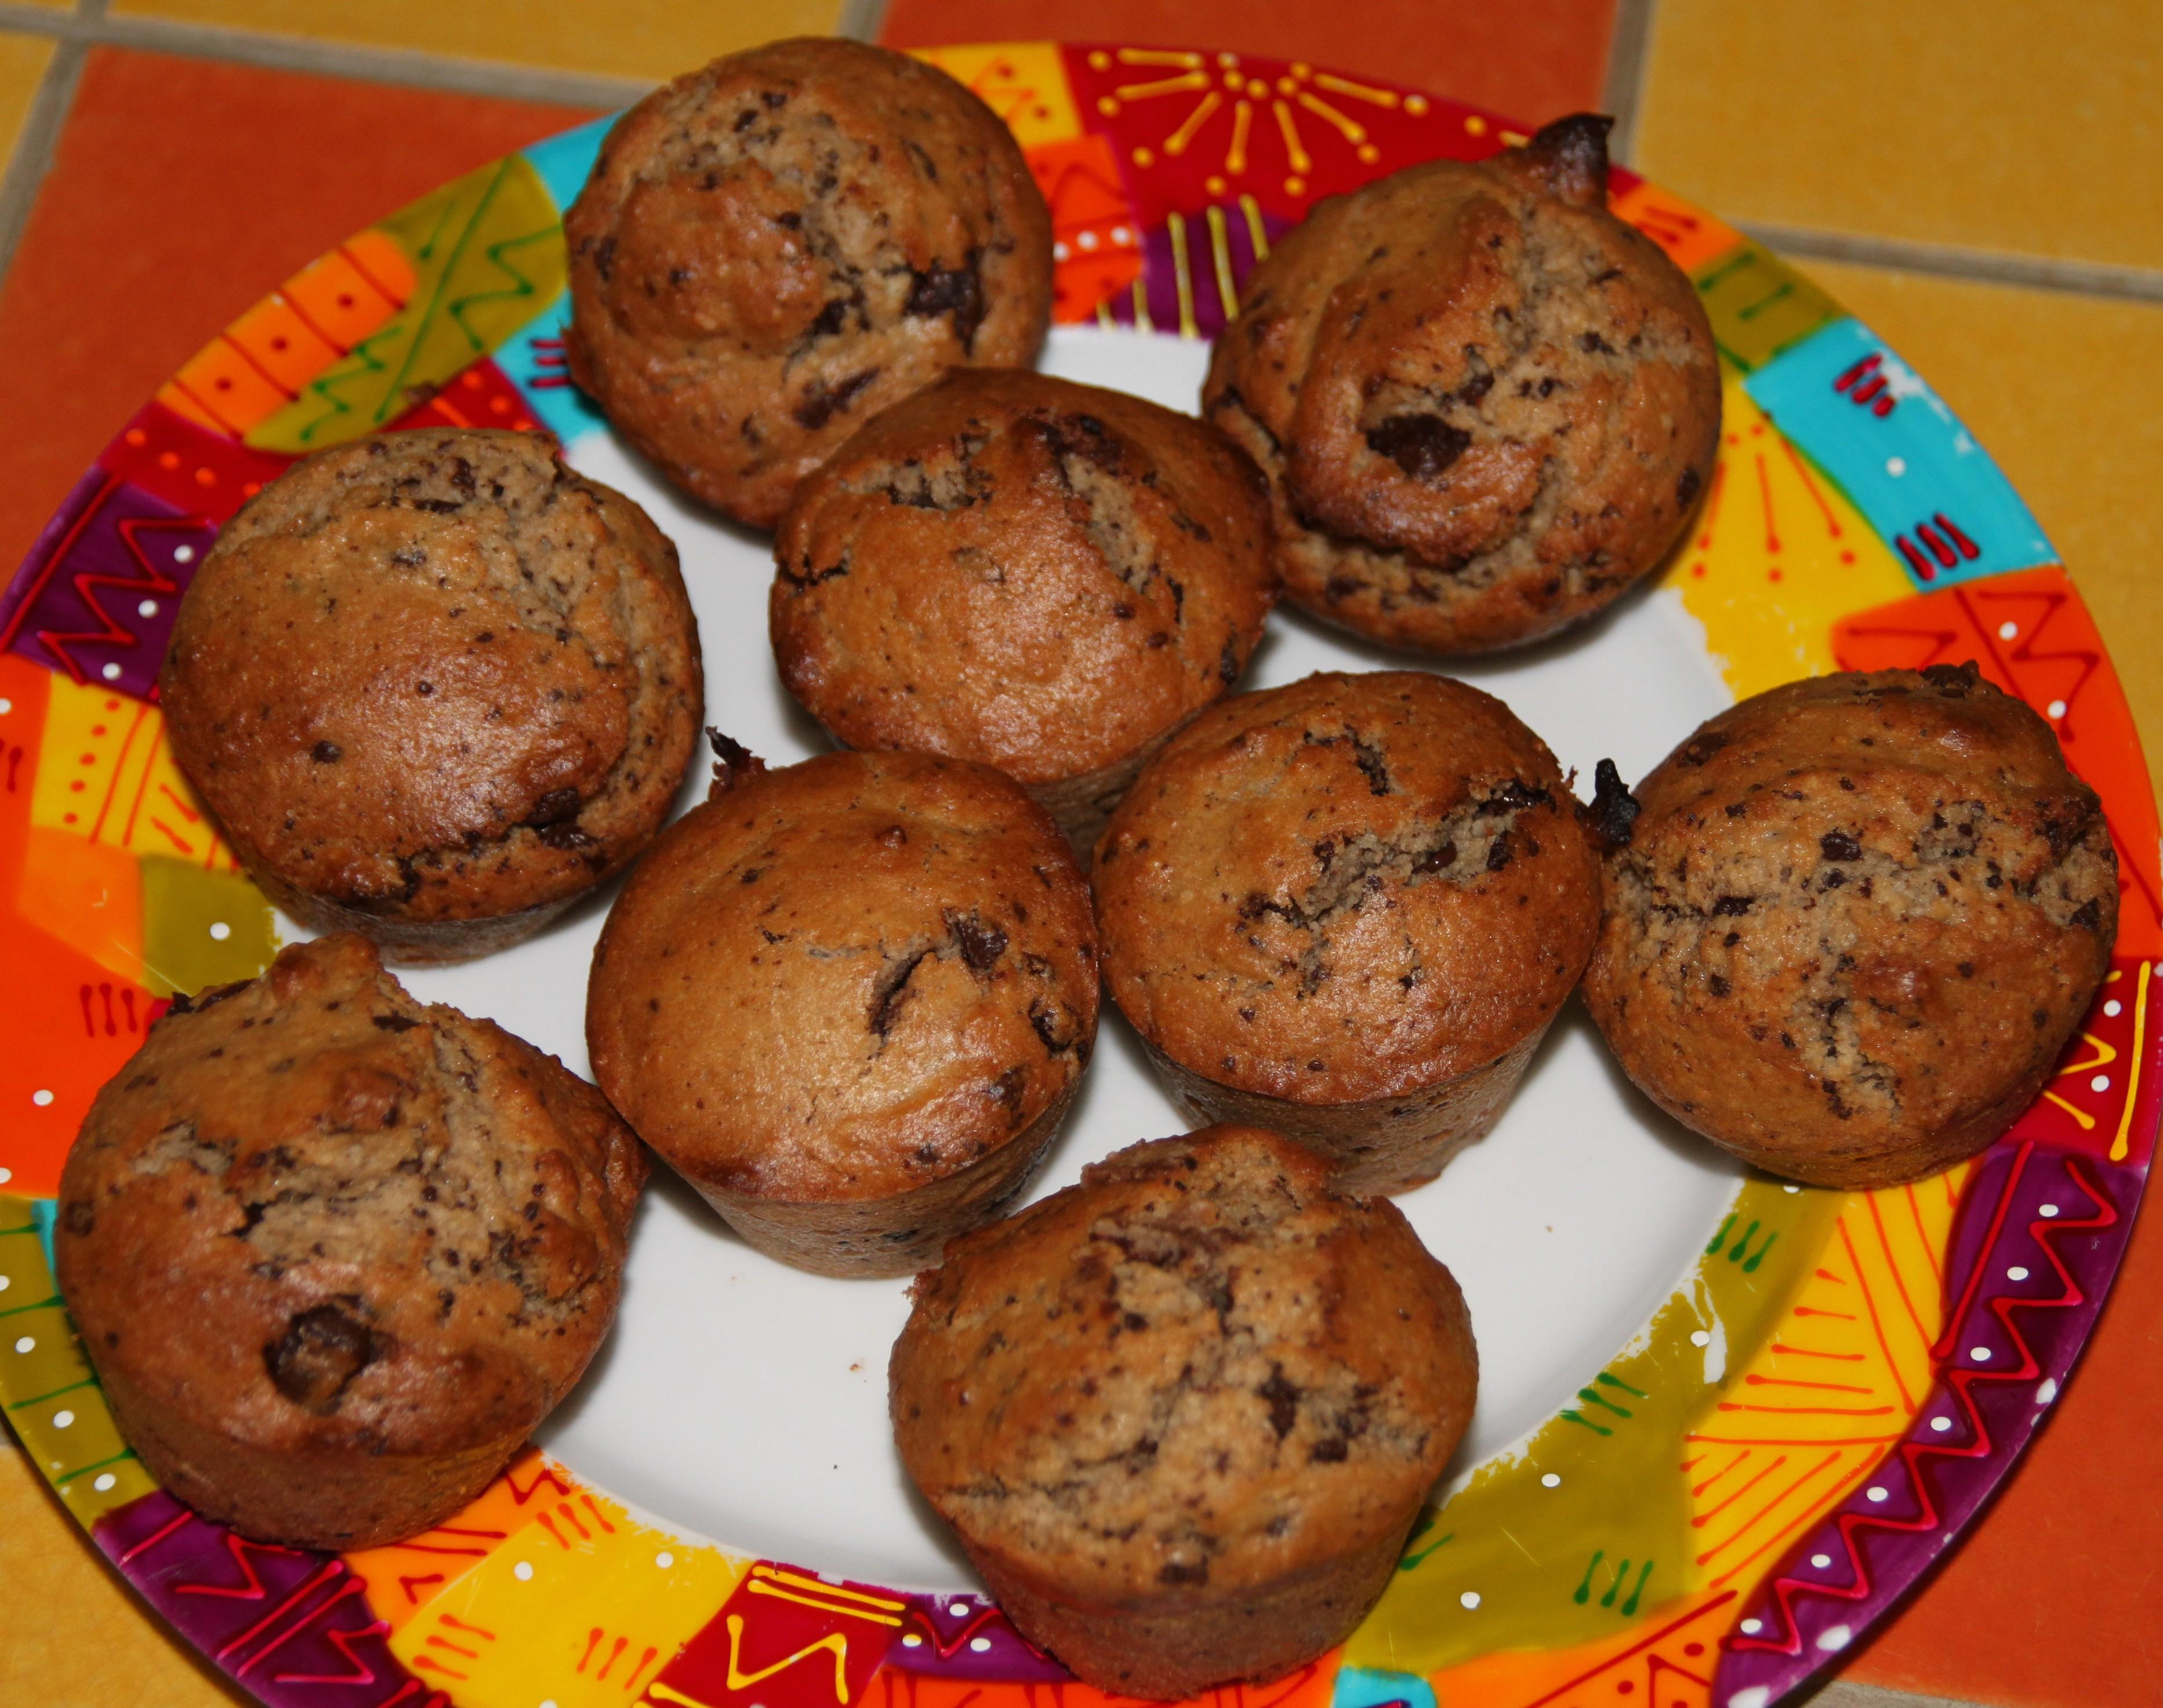 muffins ultra moelleux la poudre d amande et aux p pites de chocolat bocook. Black Bedroom Furniture Sets. Home Design Ideas